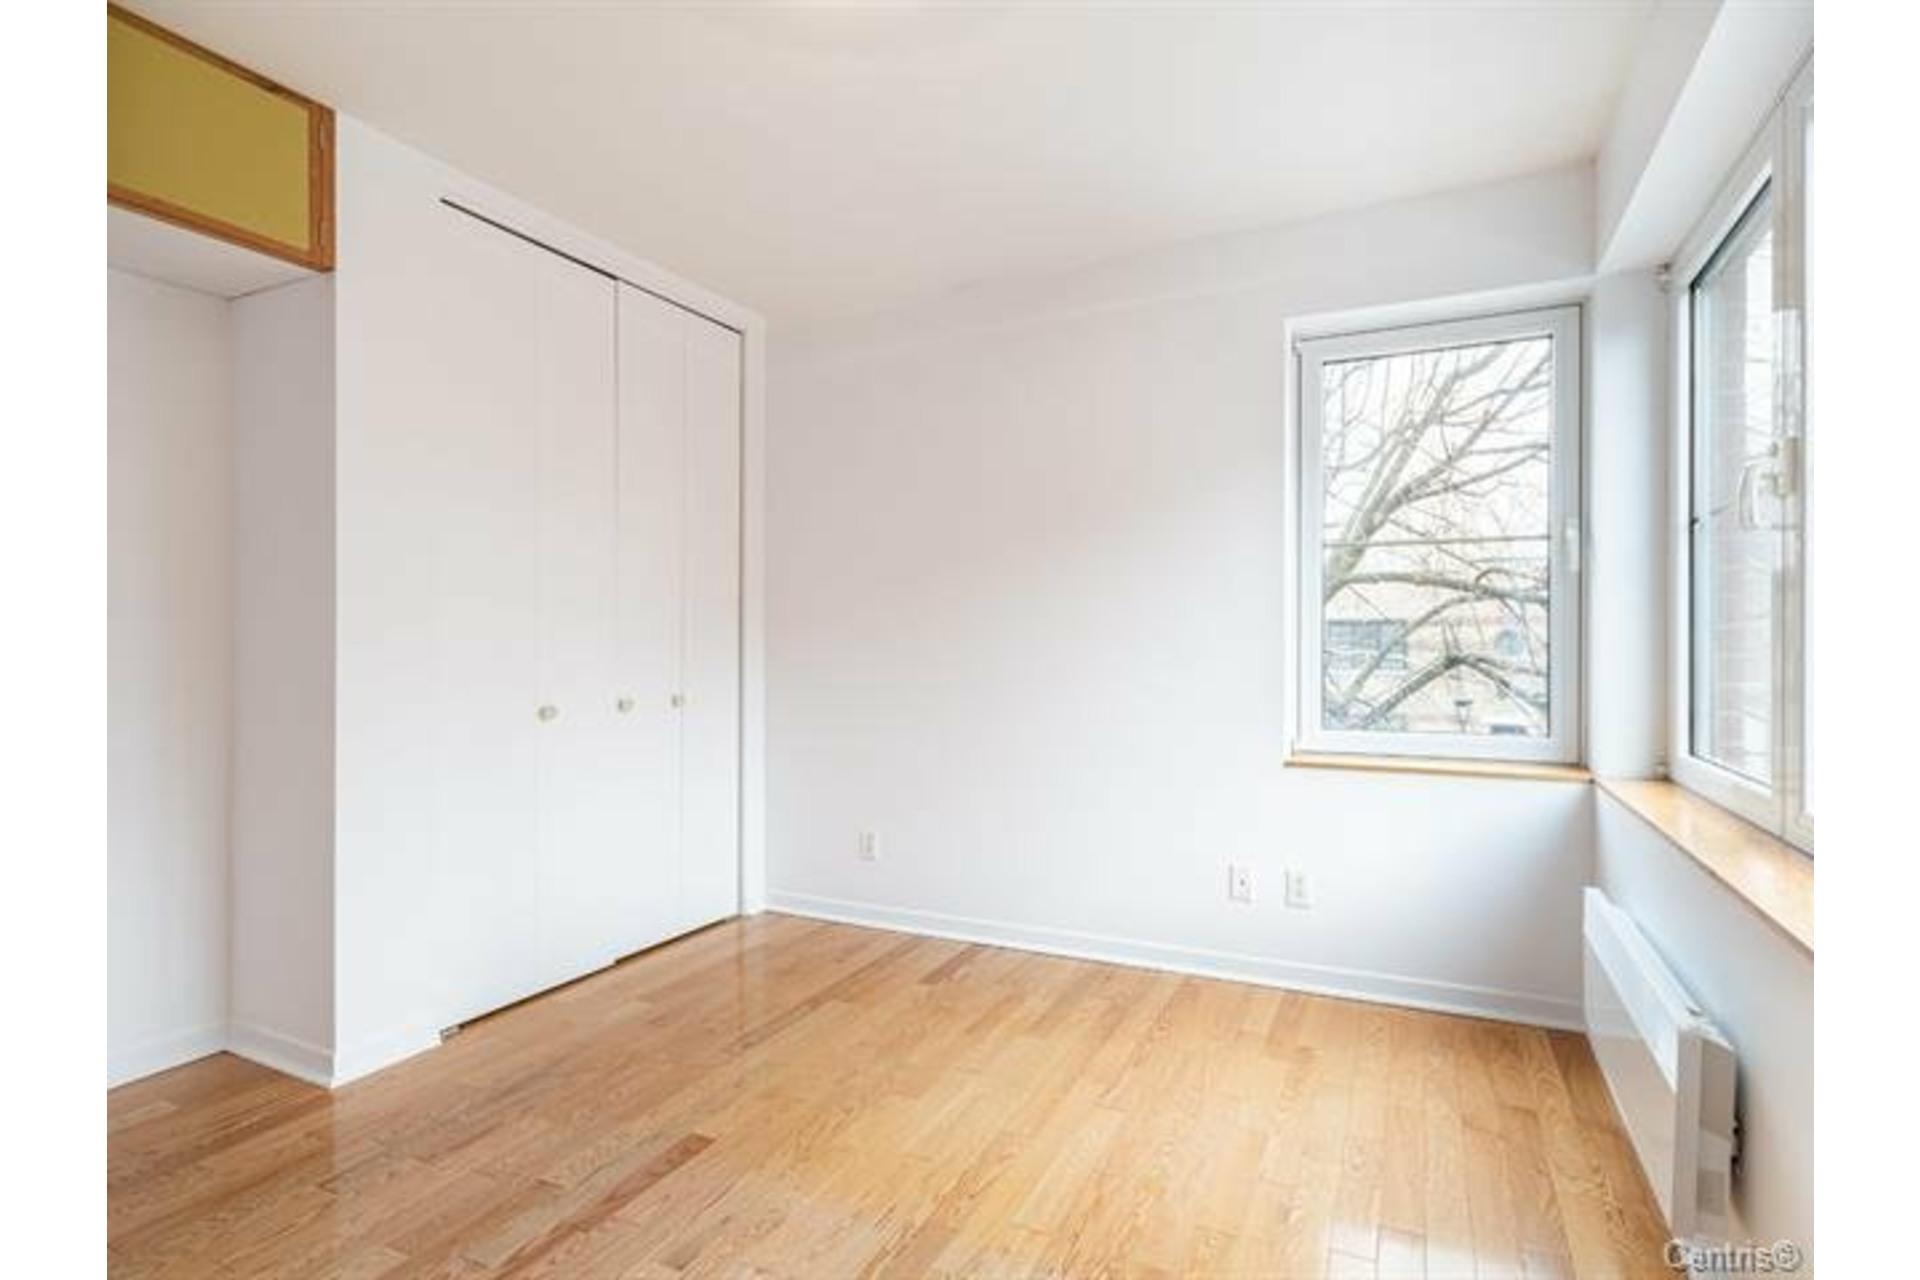 image 11 - Appartement À louer Côte-des-Neiges/Notre-Dame-de-Grâce Montréal  - 6 pièces